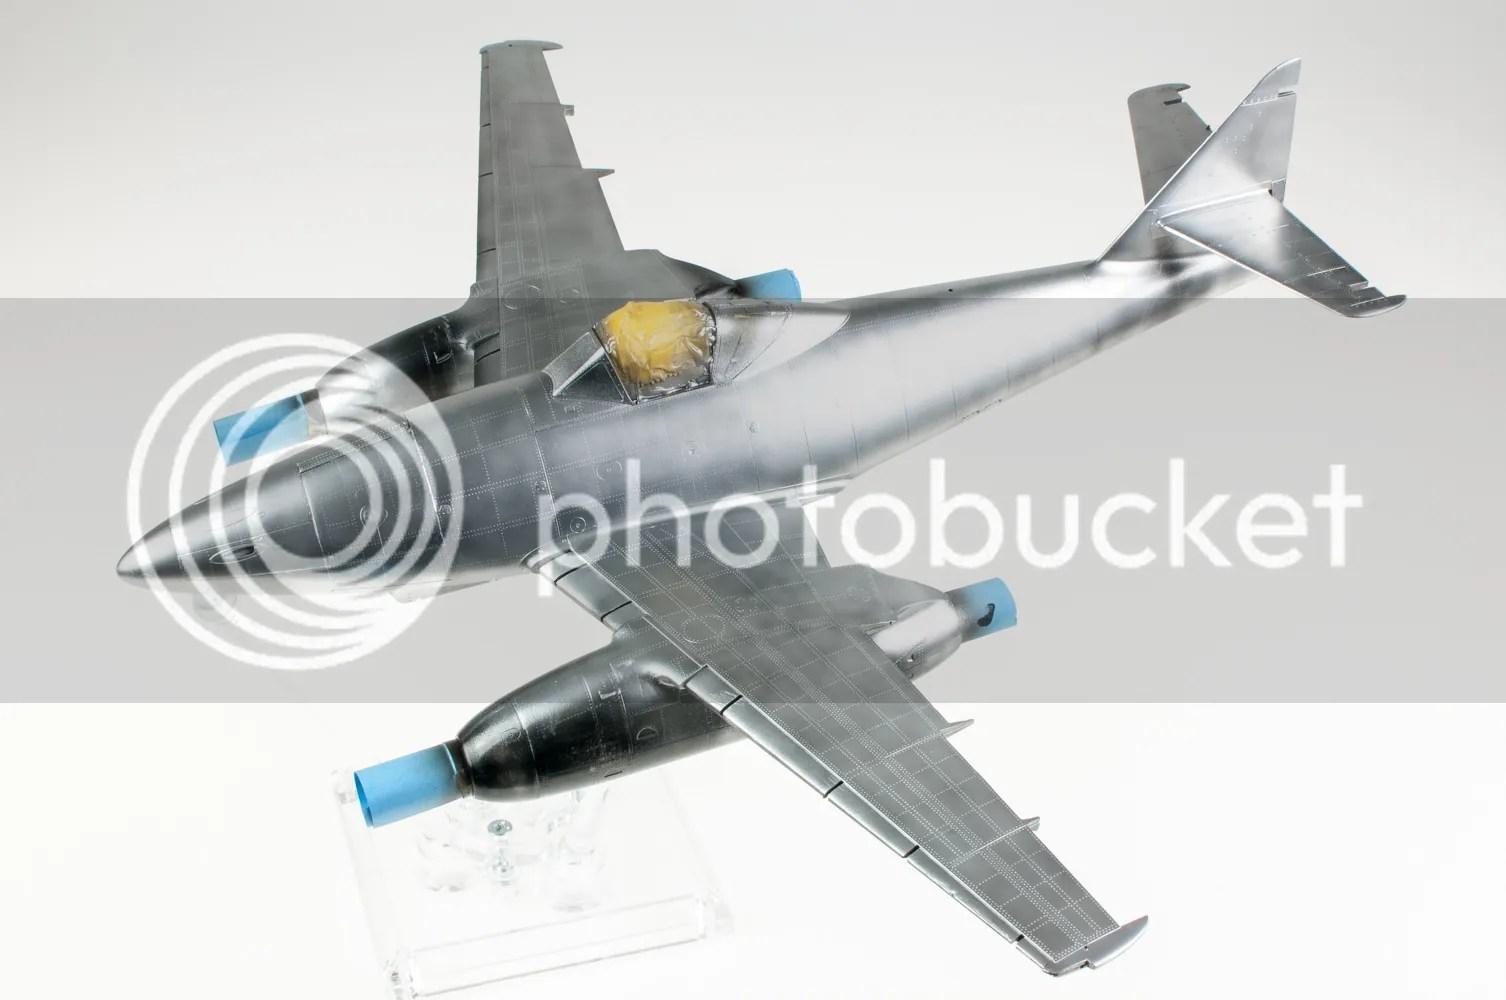 01_14_14 Me 262A-2a-10 photo 01_14_14Me262A-2a-10_zps0542c5b6.jpg